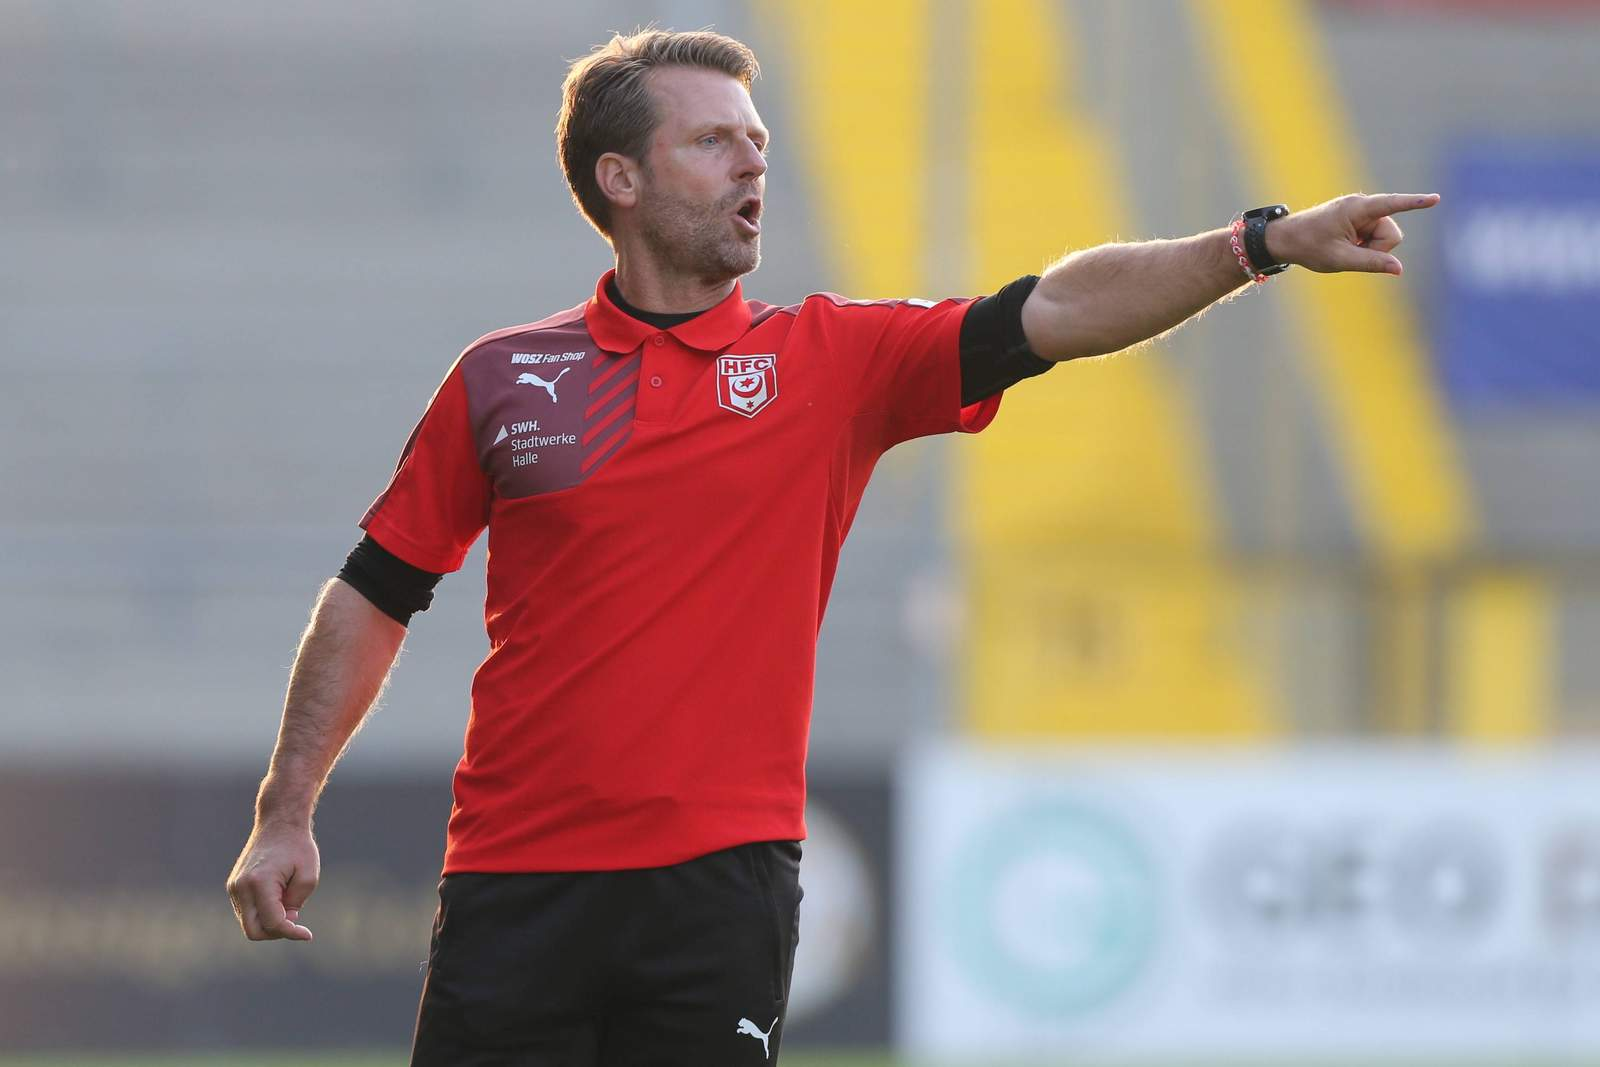 Rico Schmitt vom Halleschen FC